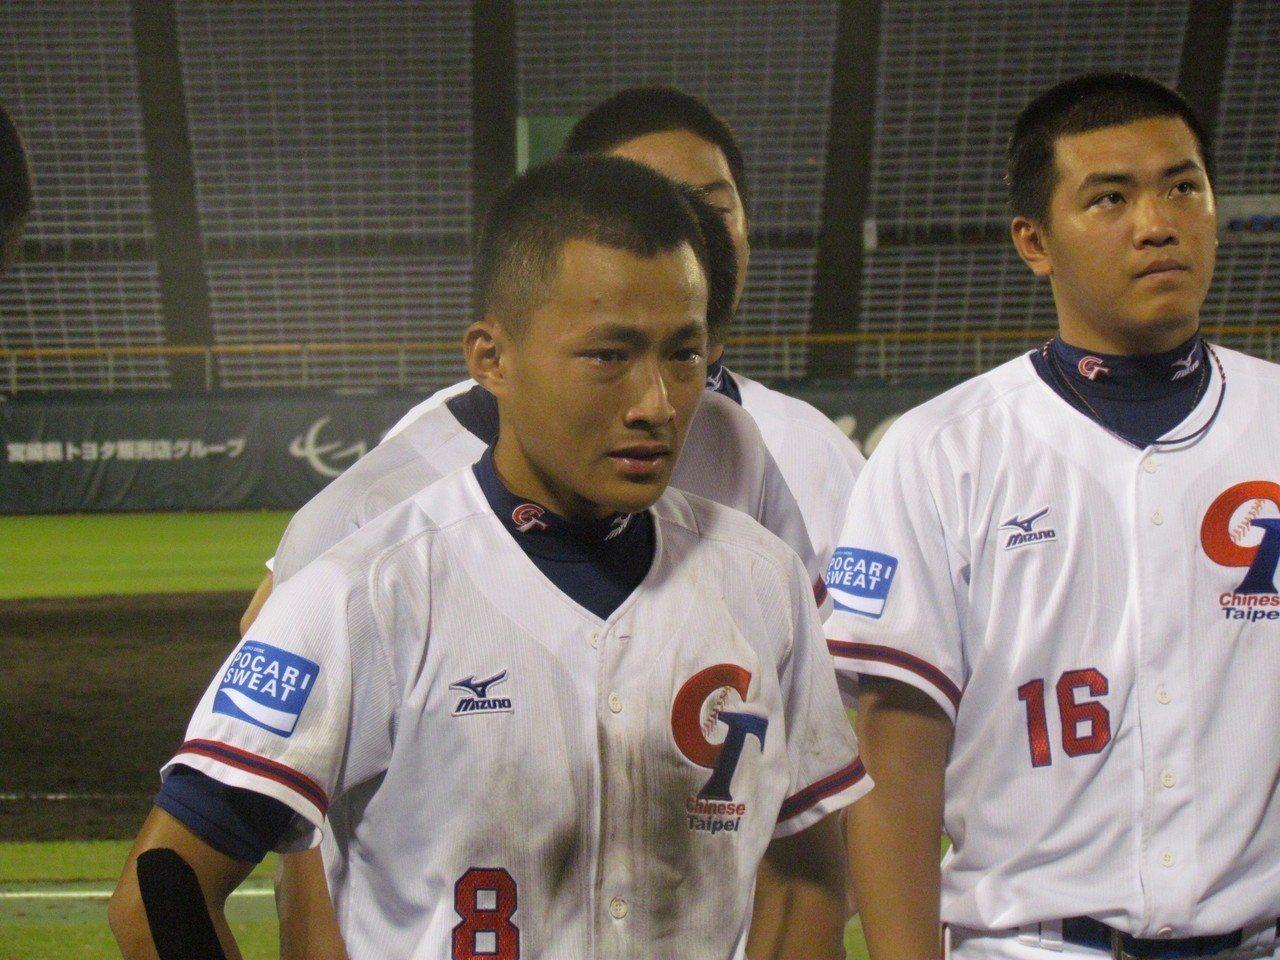 中華隊在冠軍戰輸球,球員難過落淚。記者婁靖平/攝影